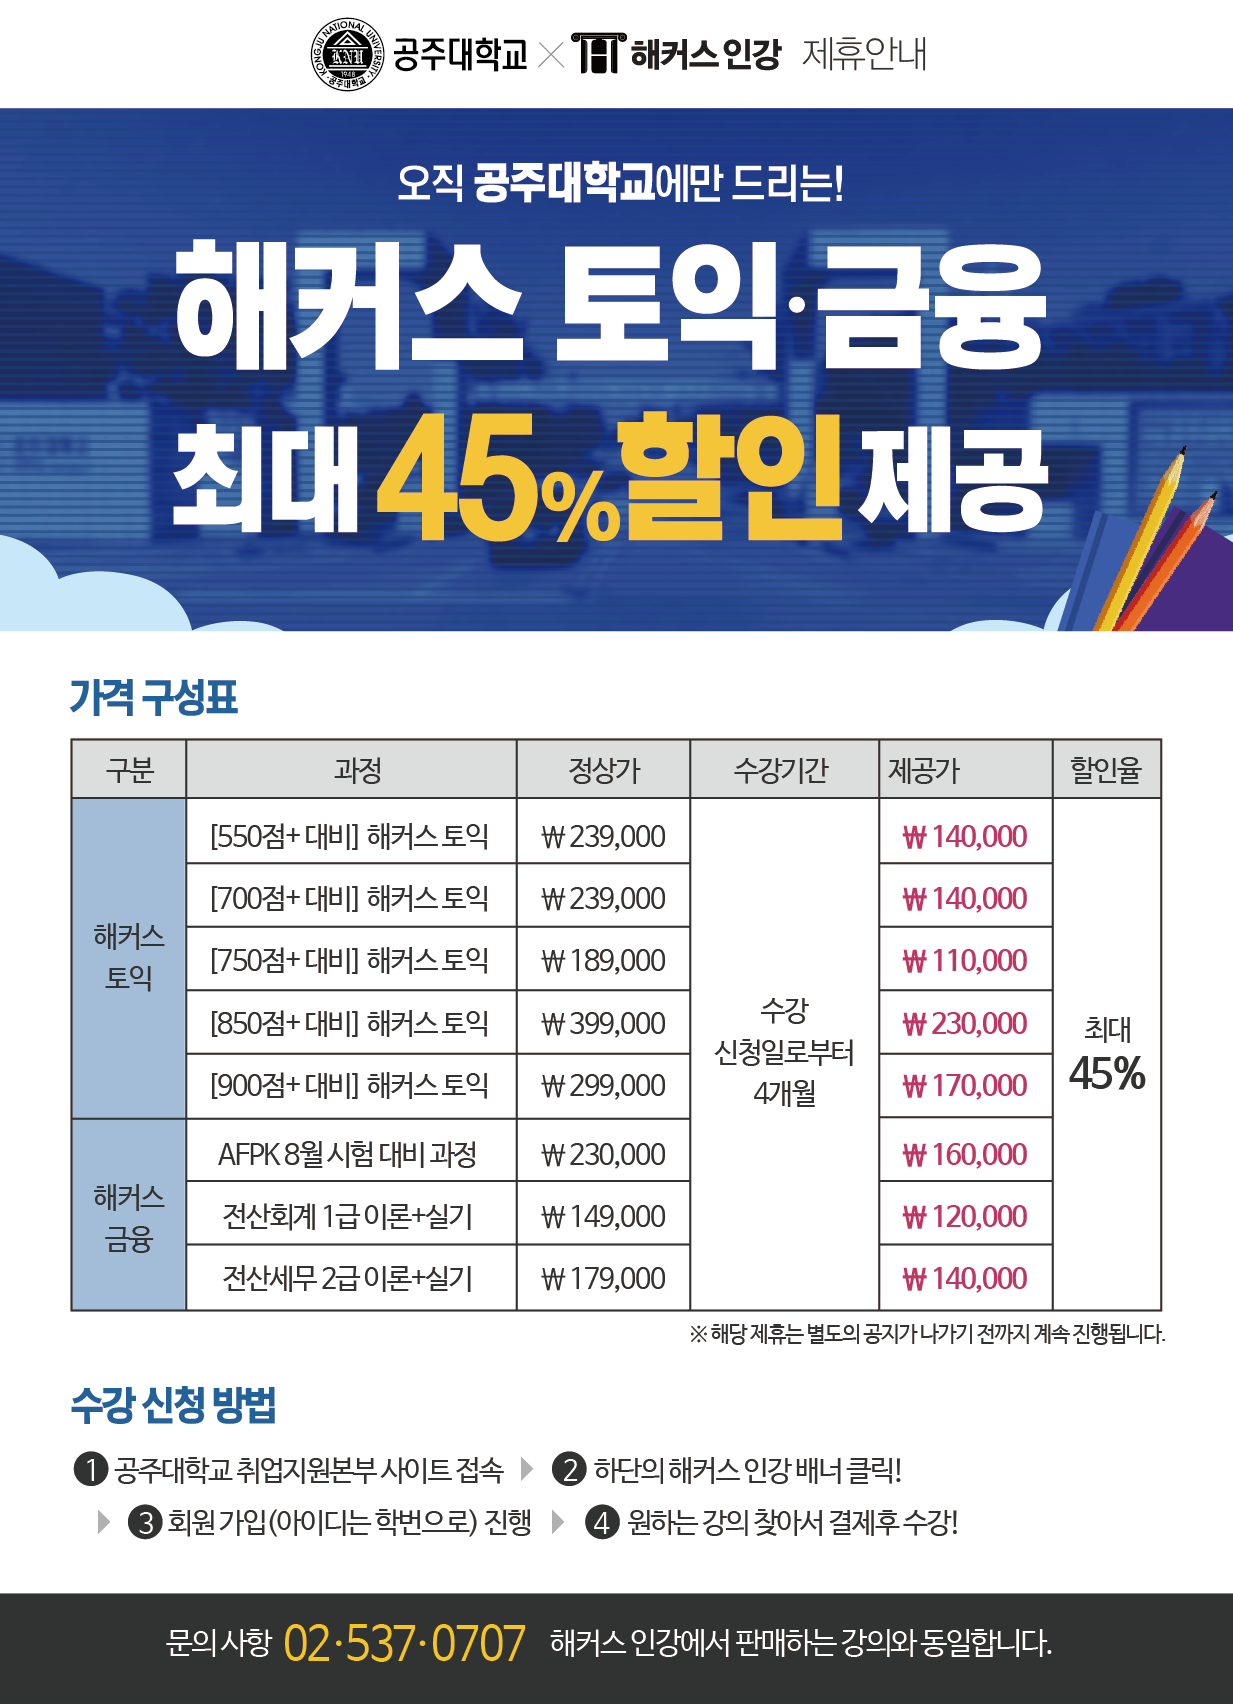 해커스인강_제휴_안내_홍보물.png